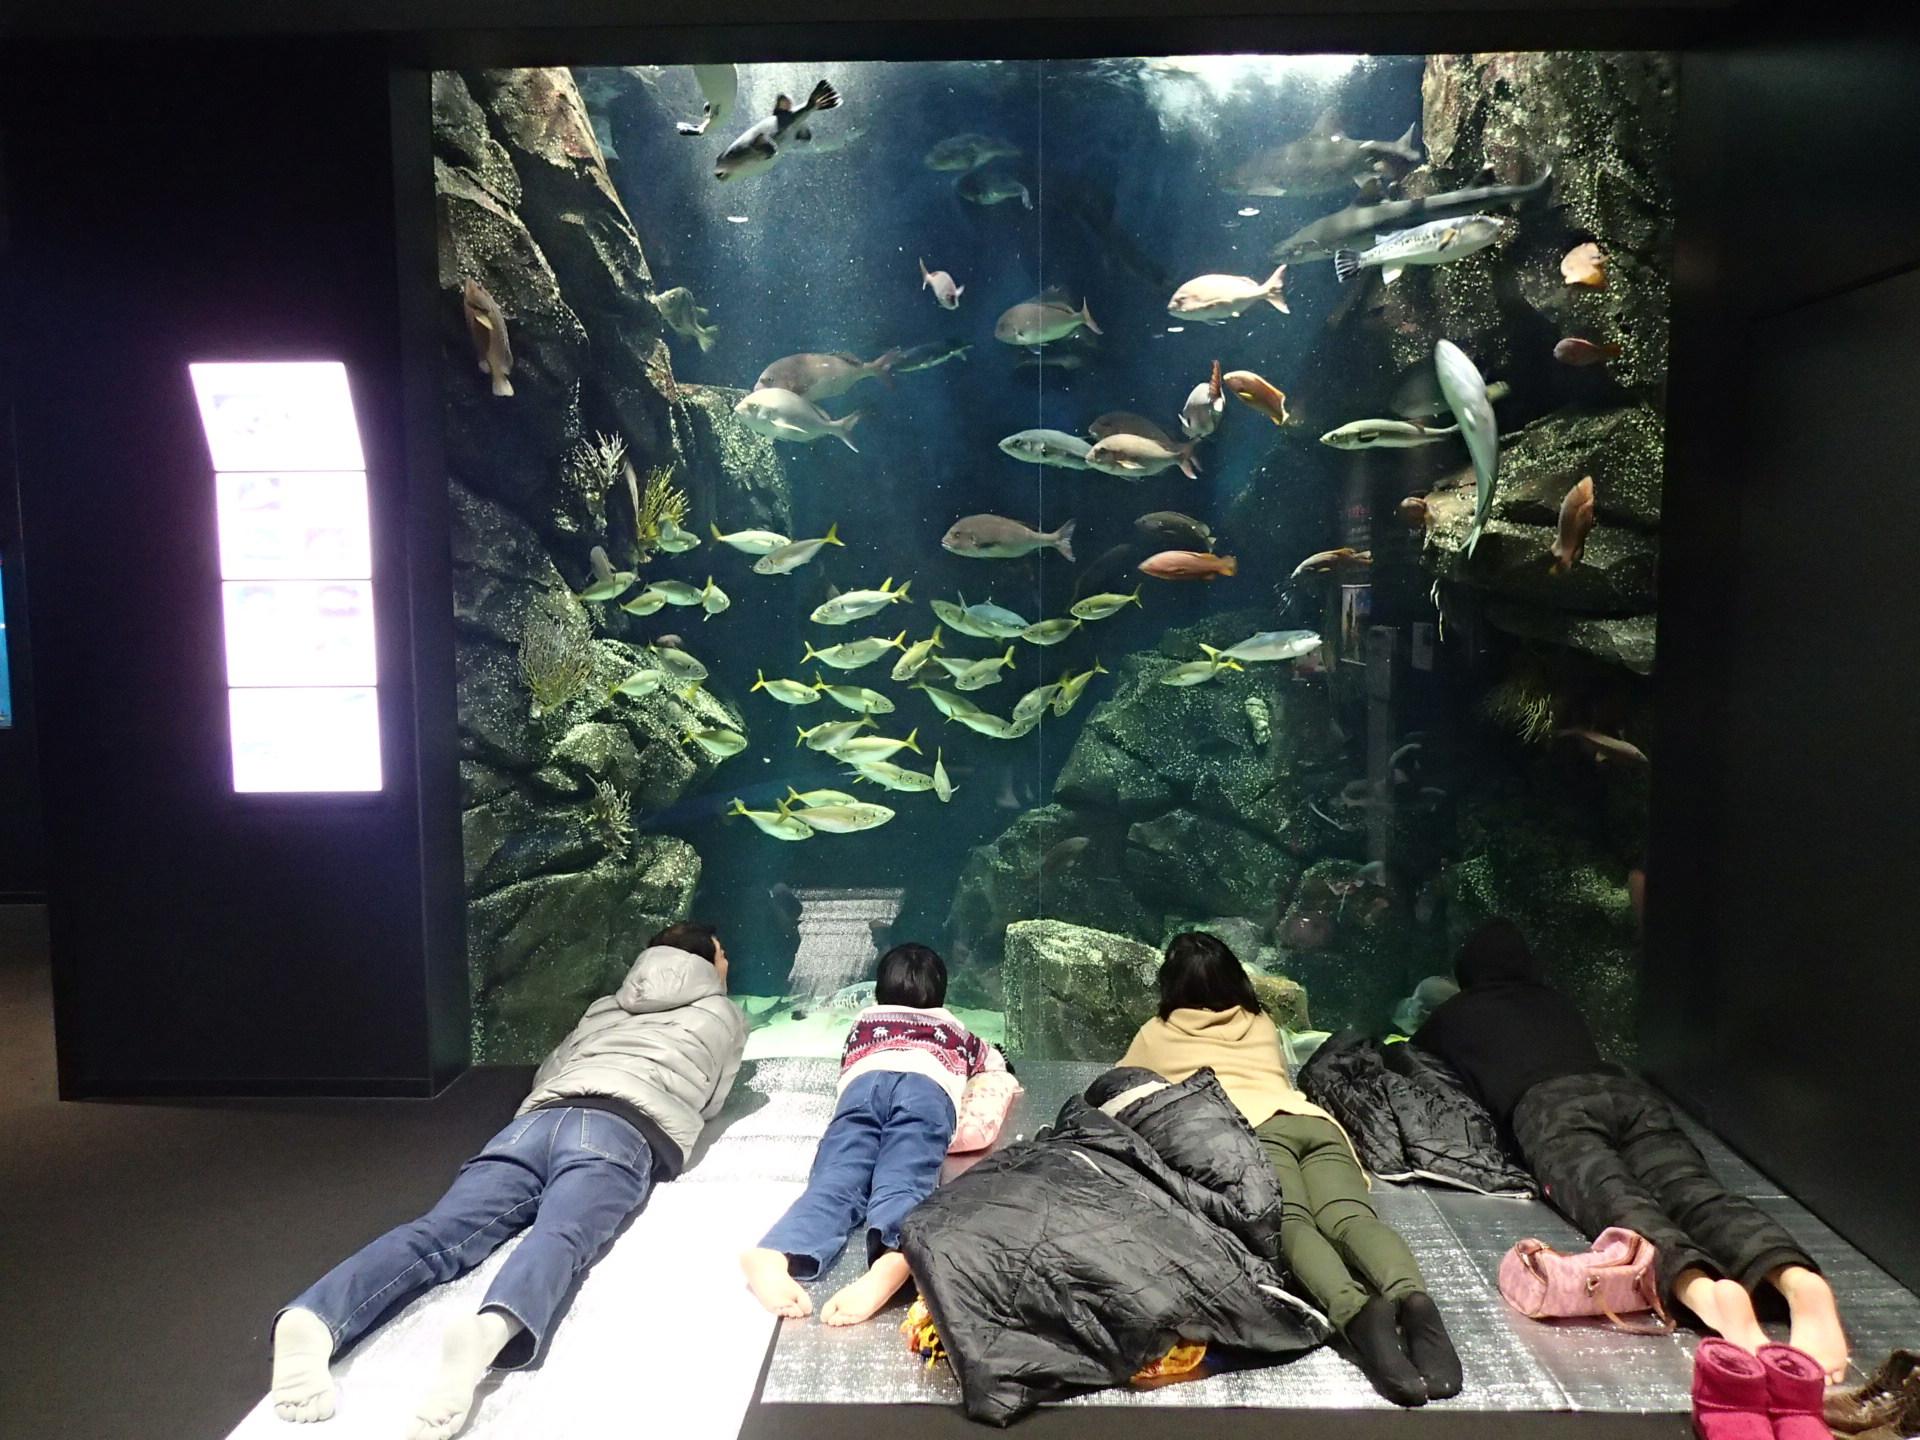 冬のお泊り水族館 in かもすい(12月分) 応募受付中